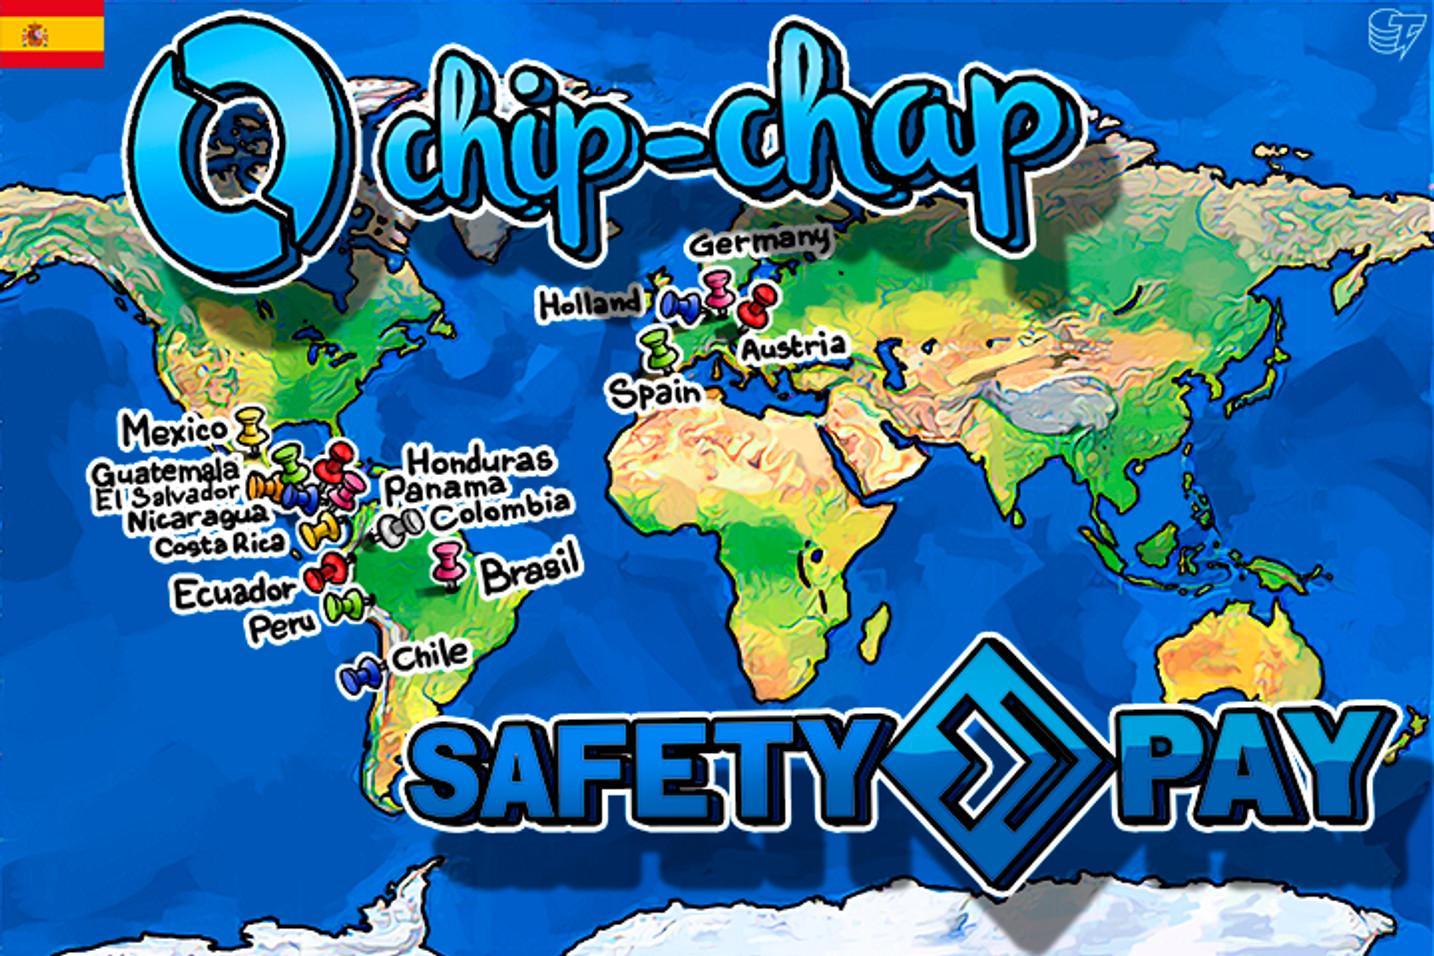 Chip-Chap permite comprar bitcoins mediante SafetyPay en 16 países y 76 bancos